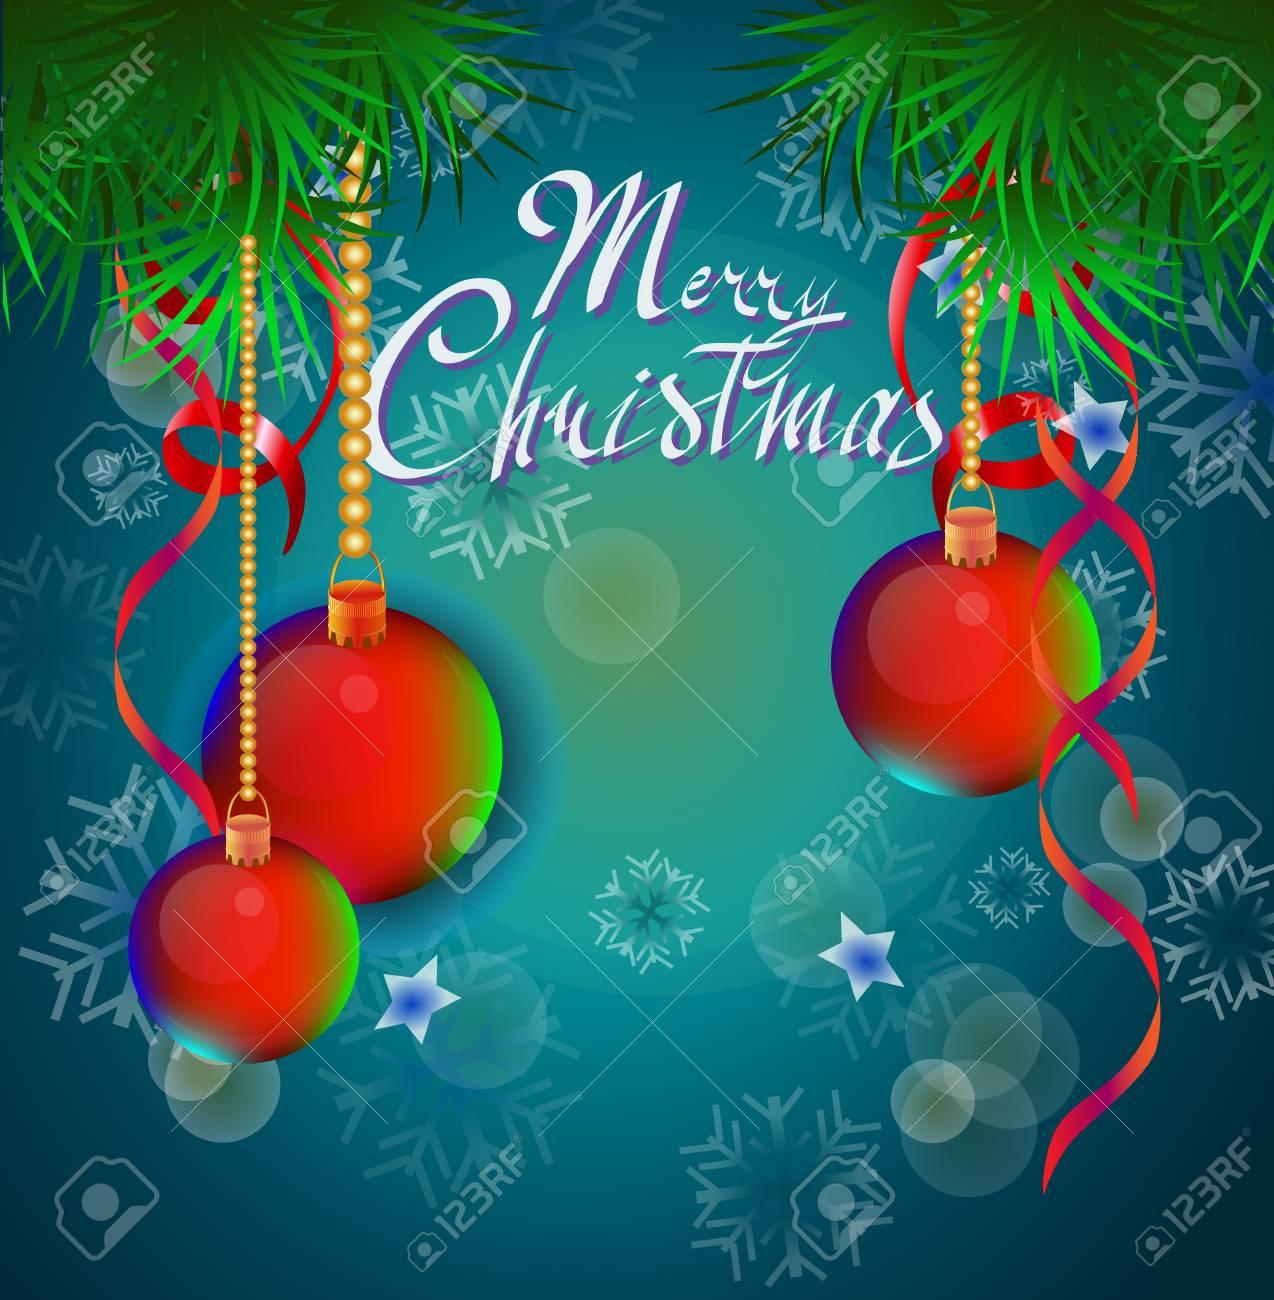 Ich Wünsche Ihnen Frohe Weihnachten Und Ein Frohes Neues Jahr ...